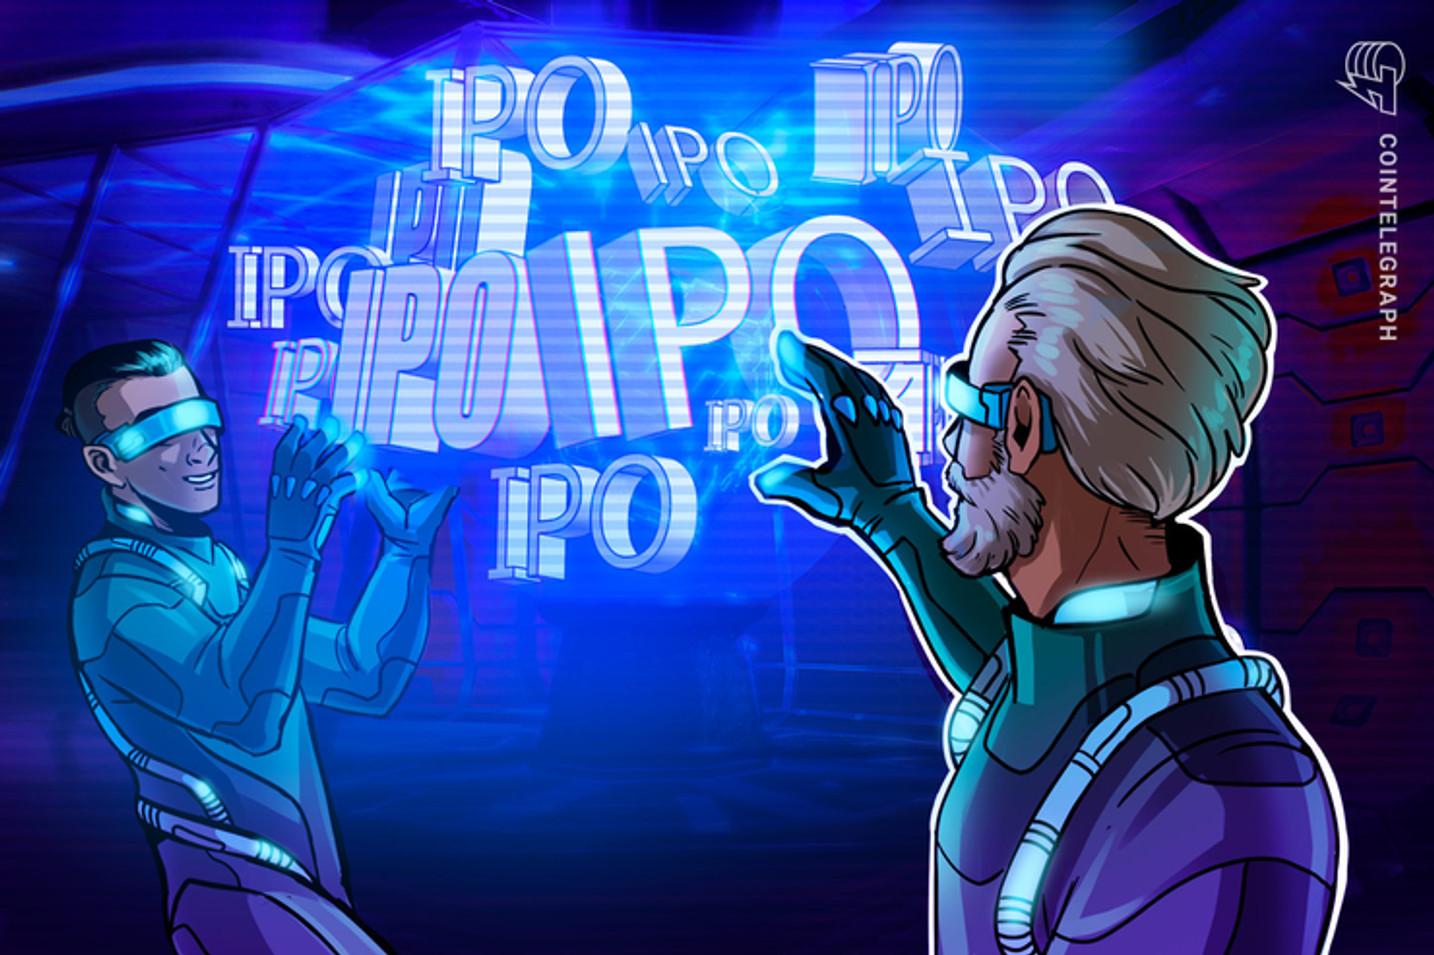 Presidente do Serpro declara que instituição pode não ser privatizada mas realizar IPO